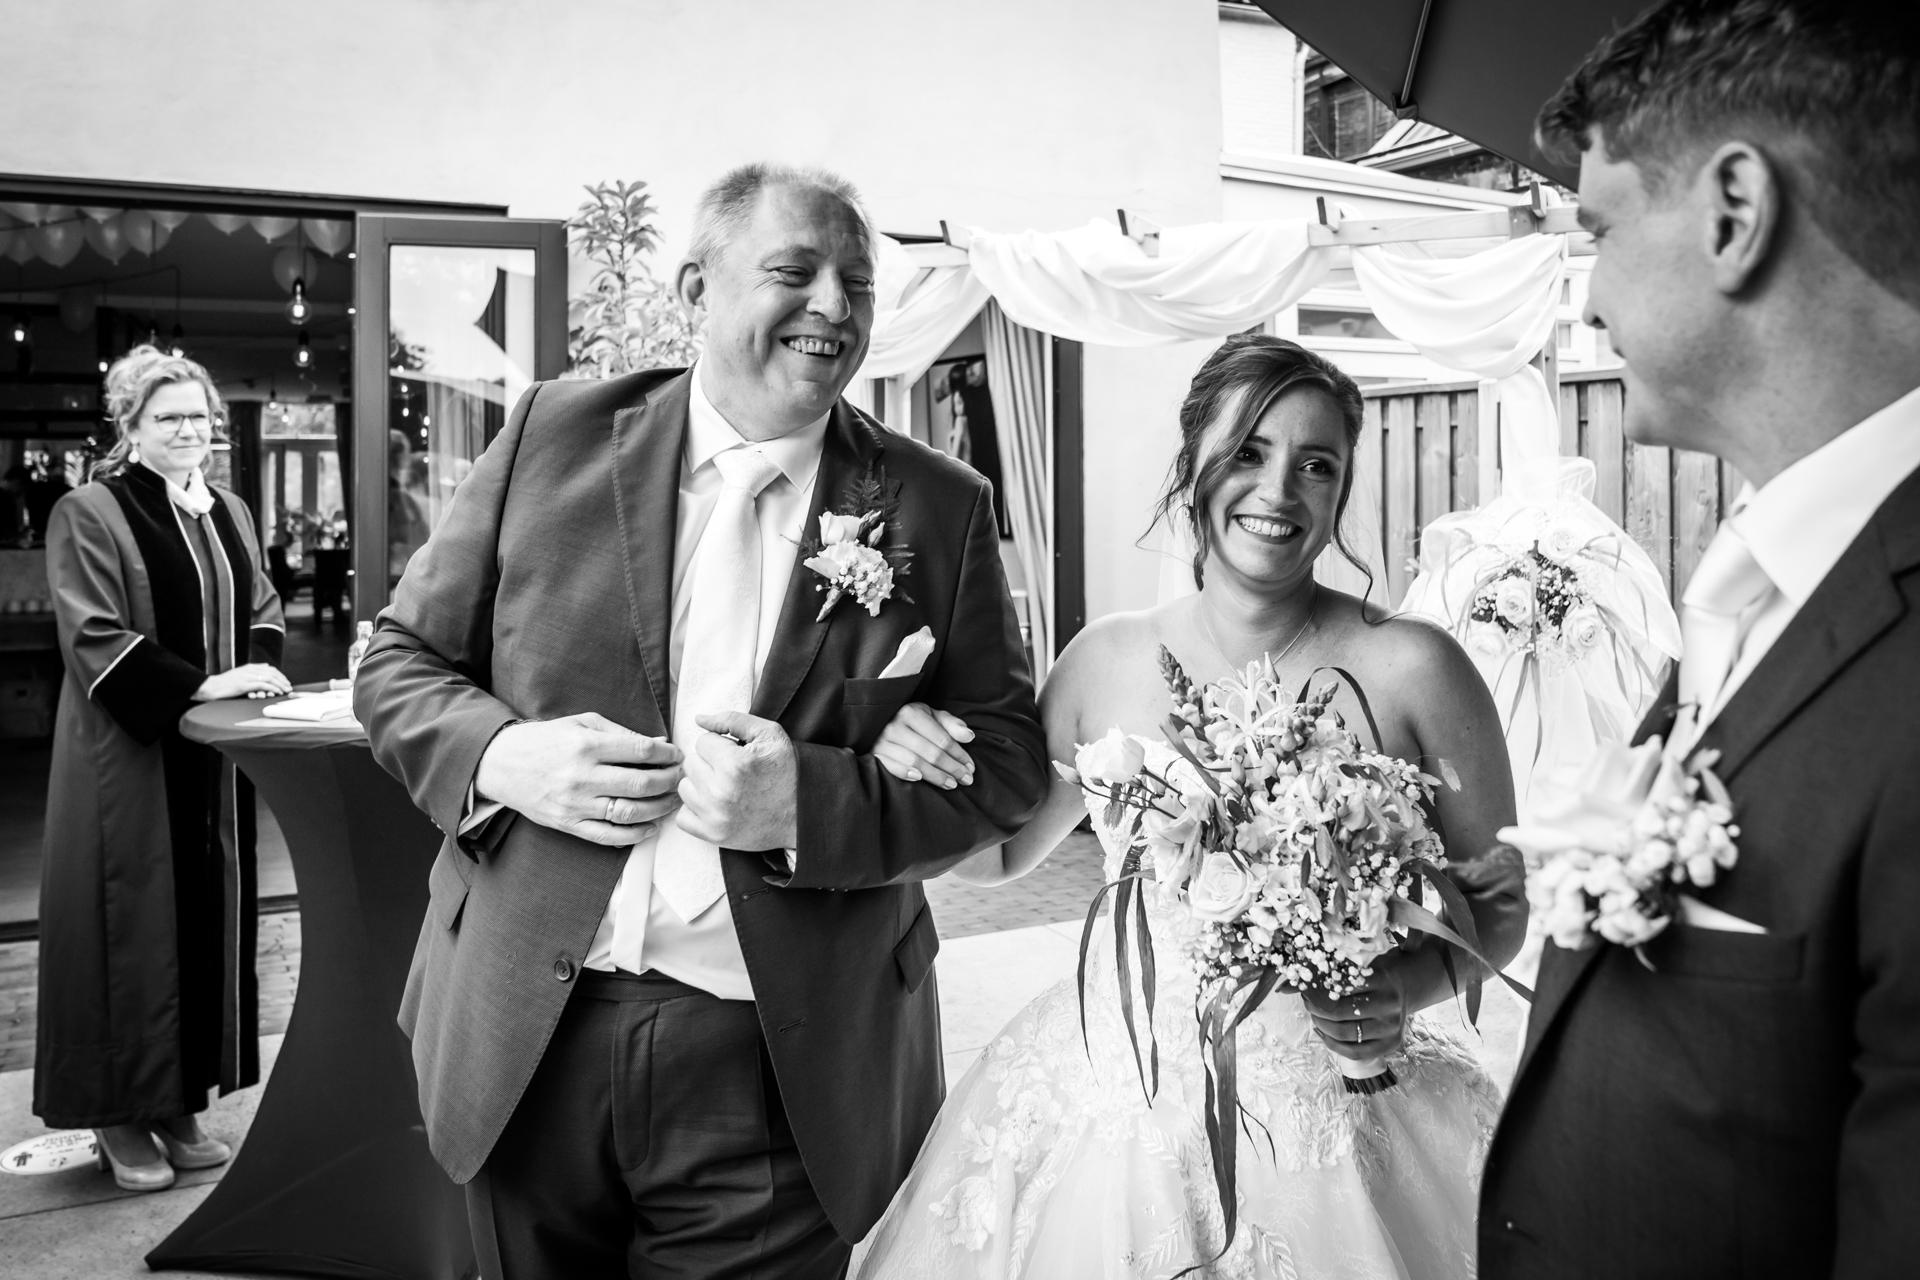 Immagine della cerimonia di fidanzamento dal ristorante Pouwe, Hoeven | Questo è l'inizio della cerimonia di matrimonio.